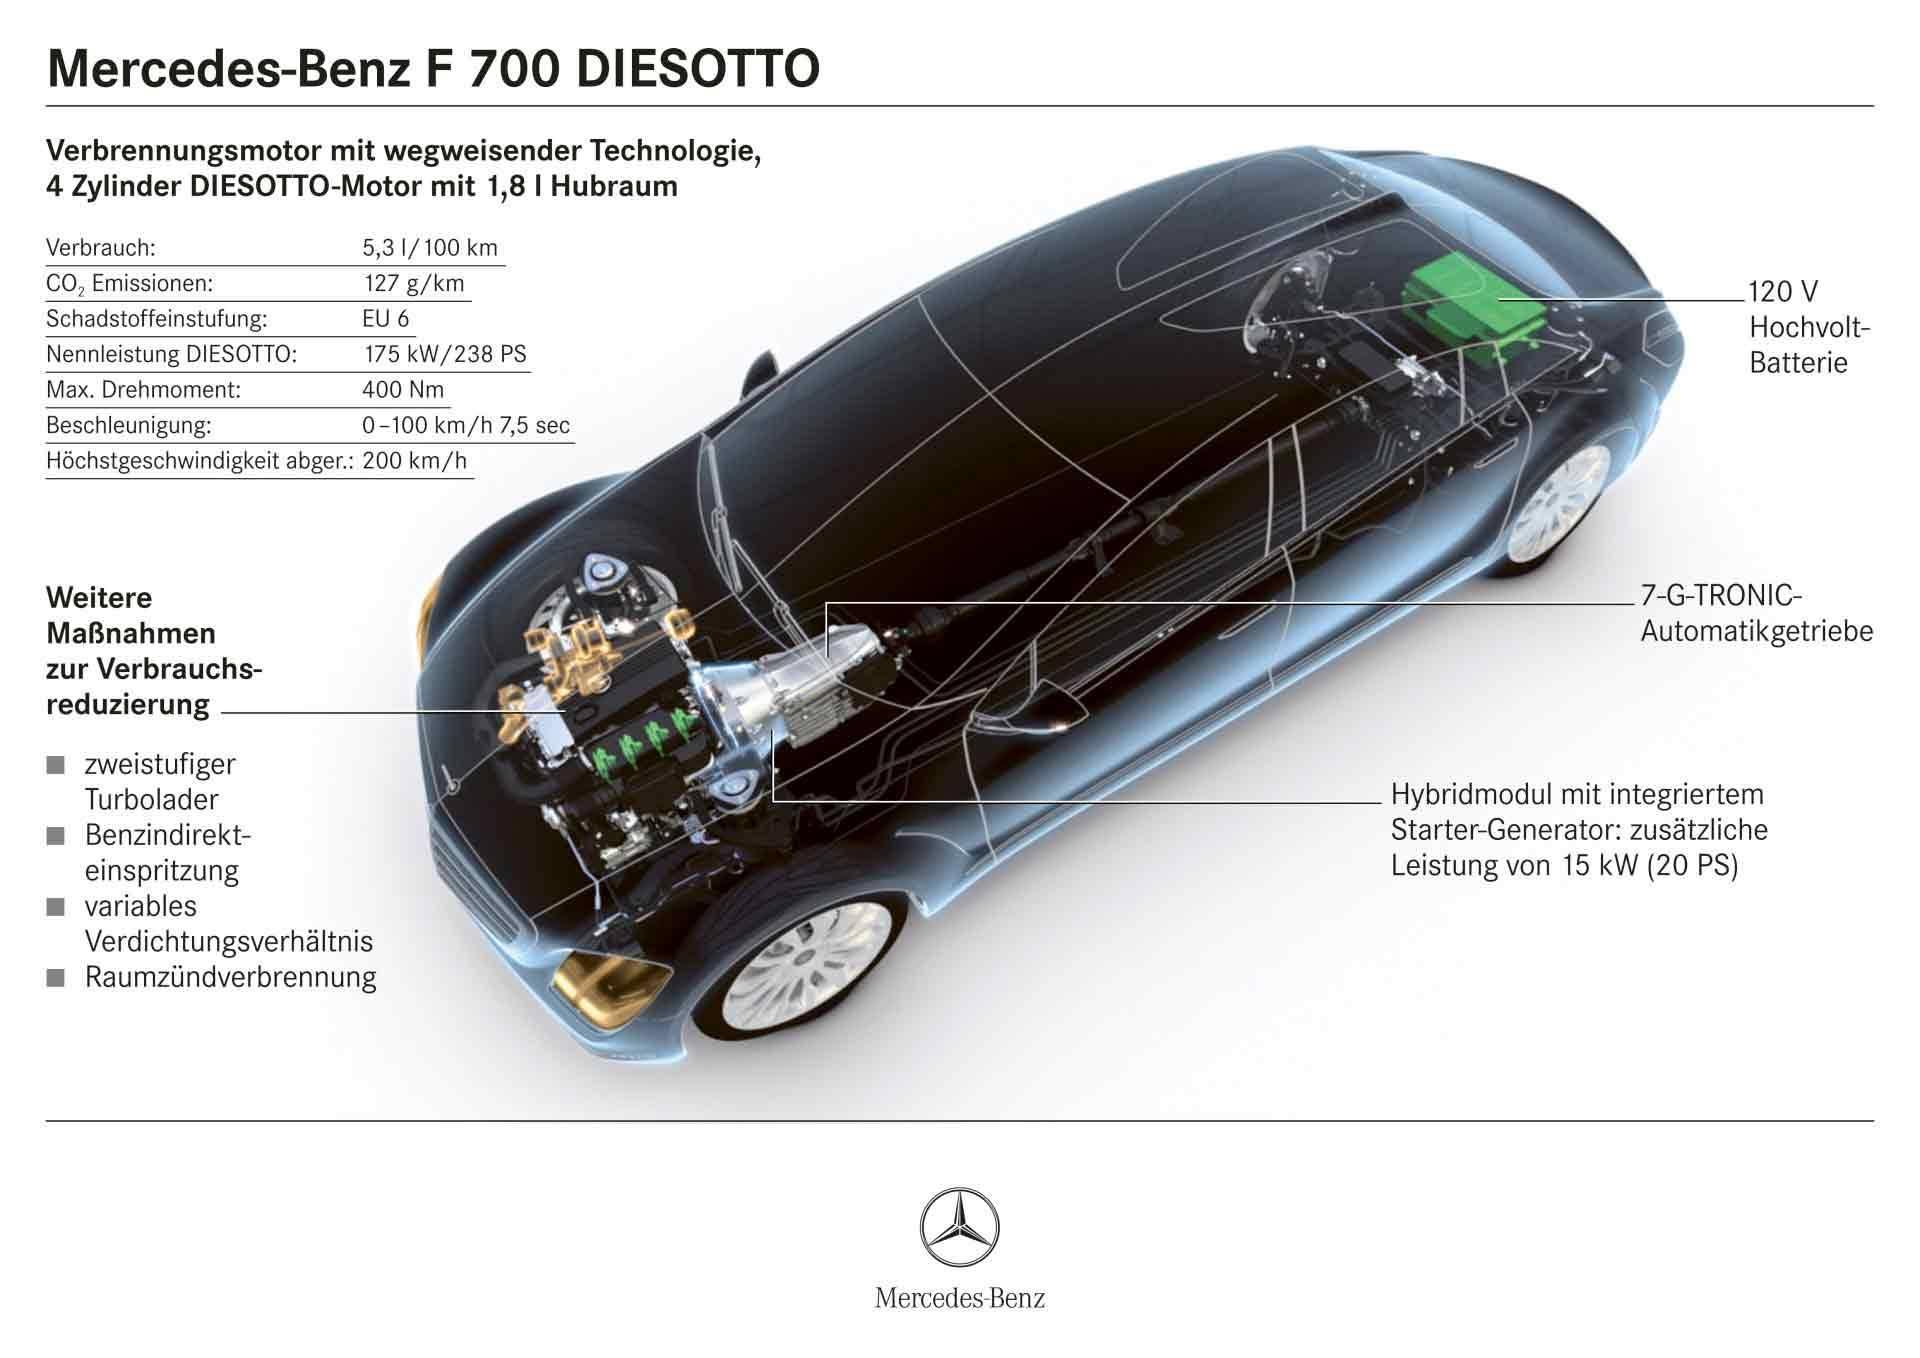 _Erprobungsfahrzeug-Mercedes-F-700-mit-Diesotto-Motor-(4)